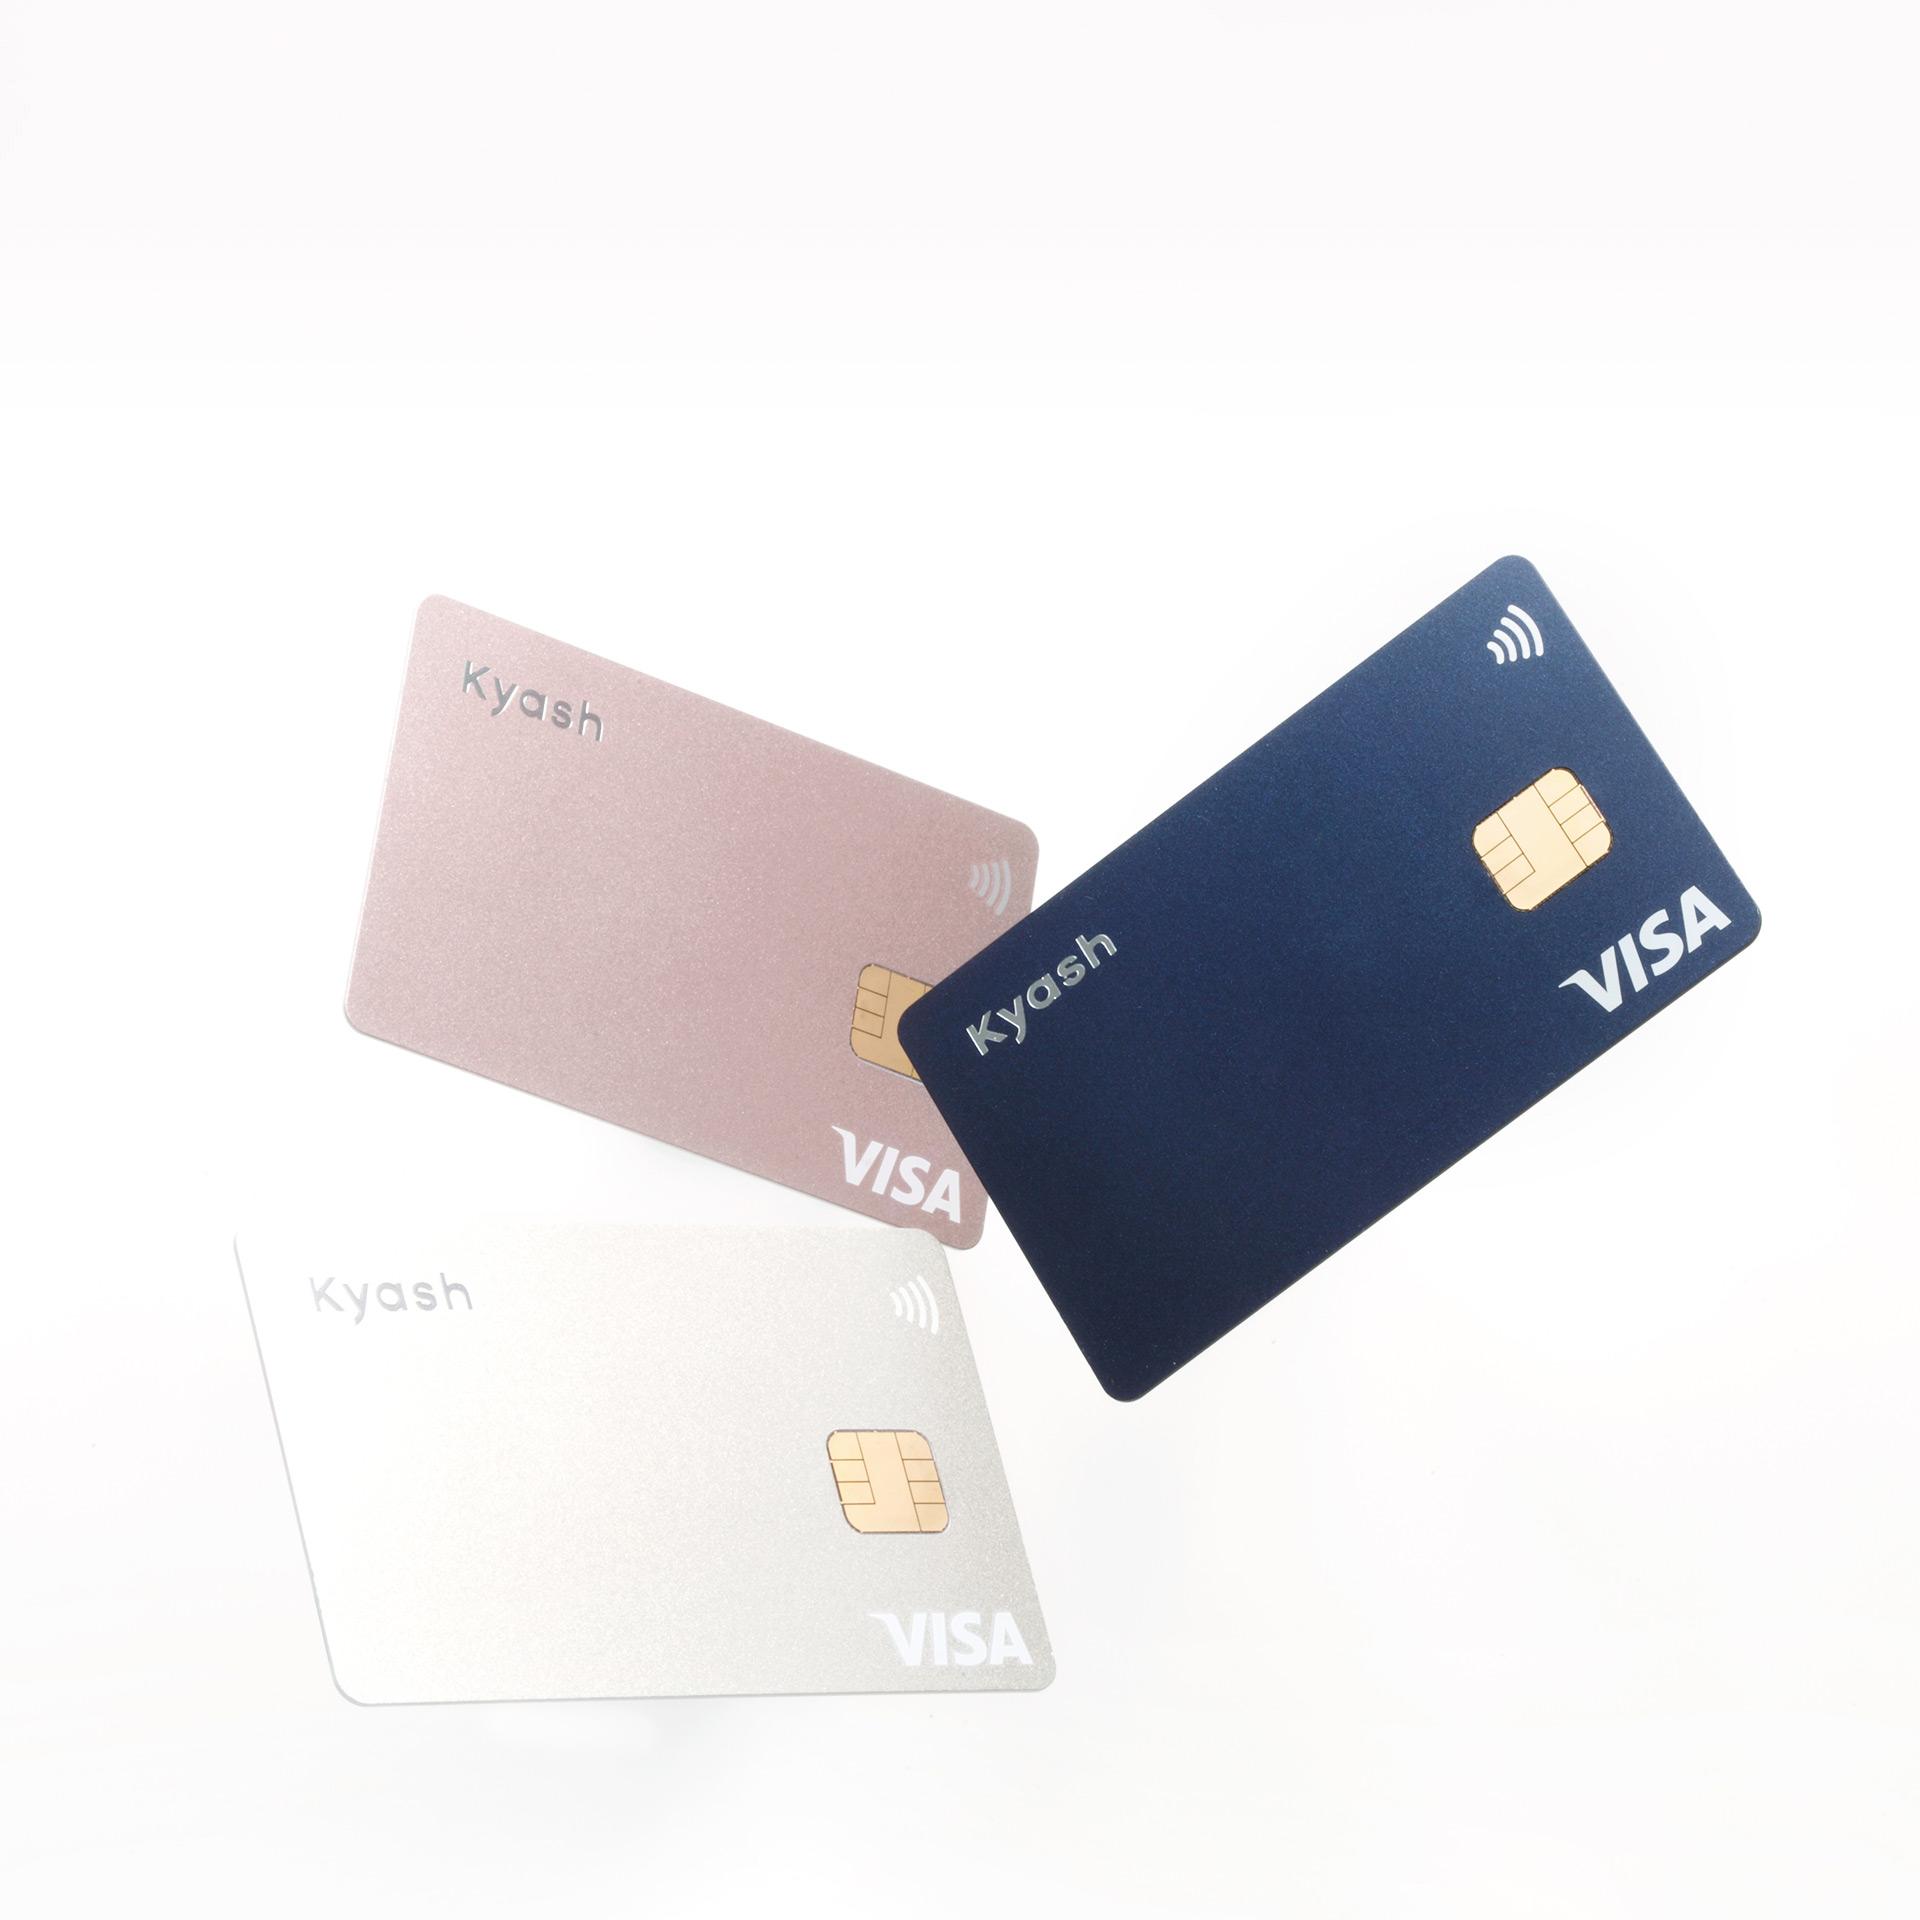 カード ナンバー レス カード番号も有効期限もセキュリティコードもなし!?三井住友カード「ナンバーレスカード」の気になる使い方|@DIME アットダイム